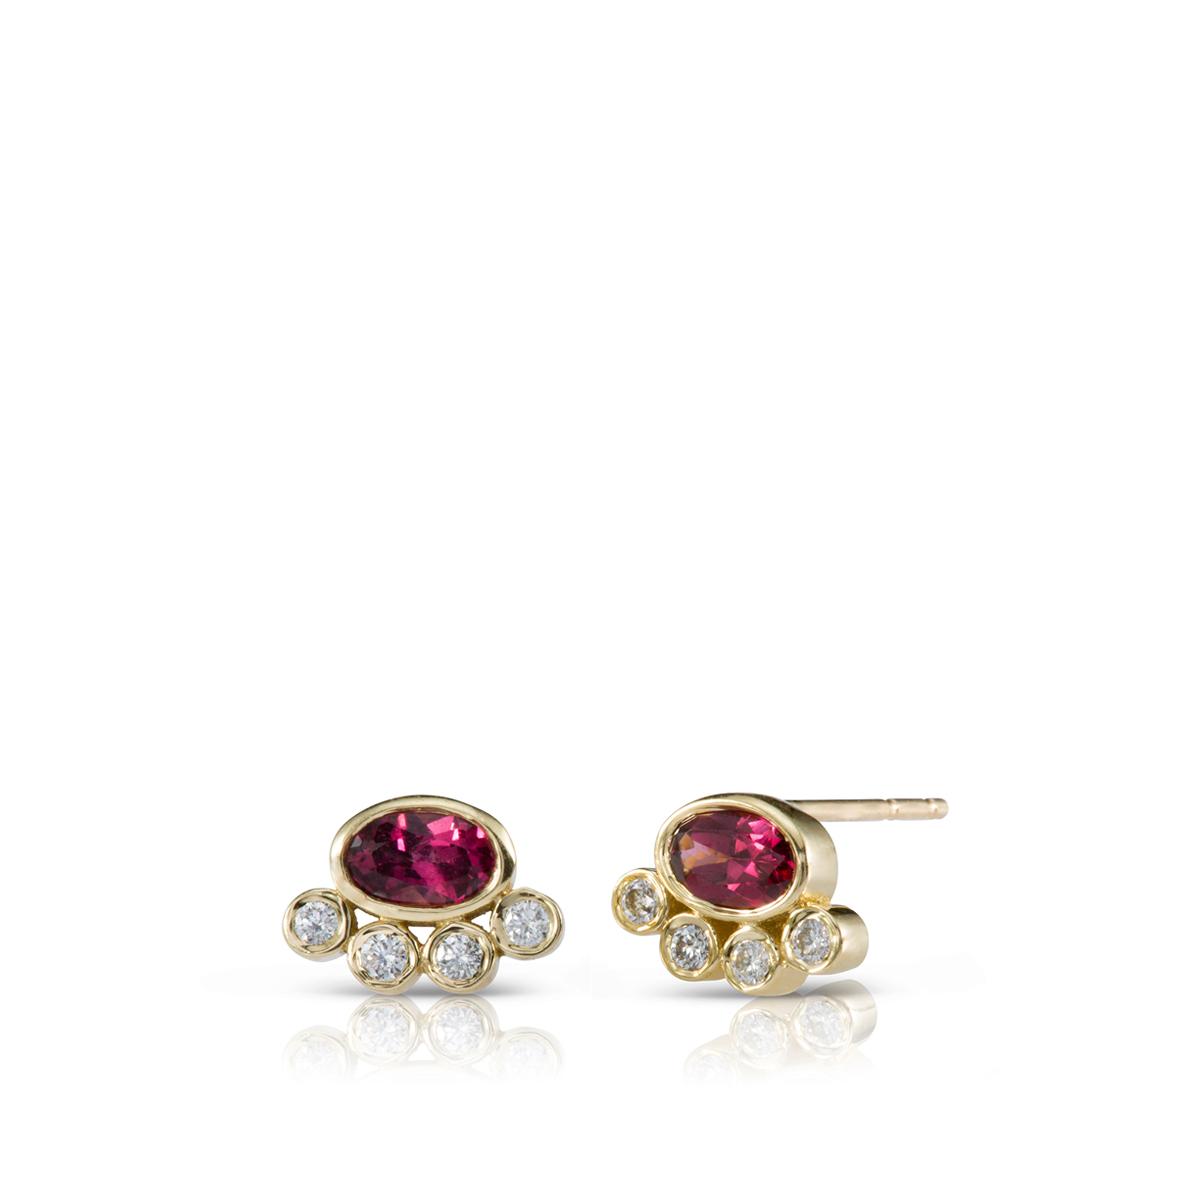 Rodulite and diamond stud earrings